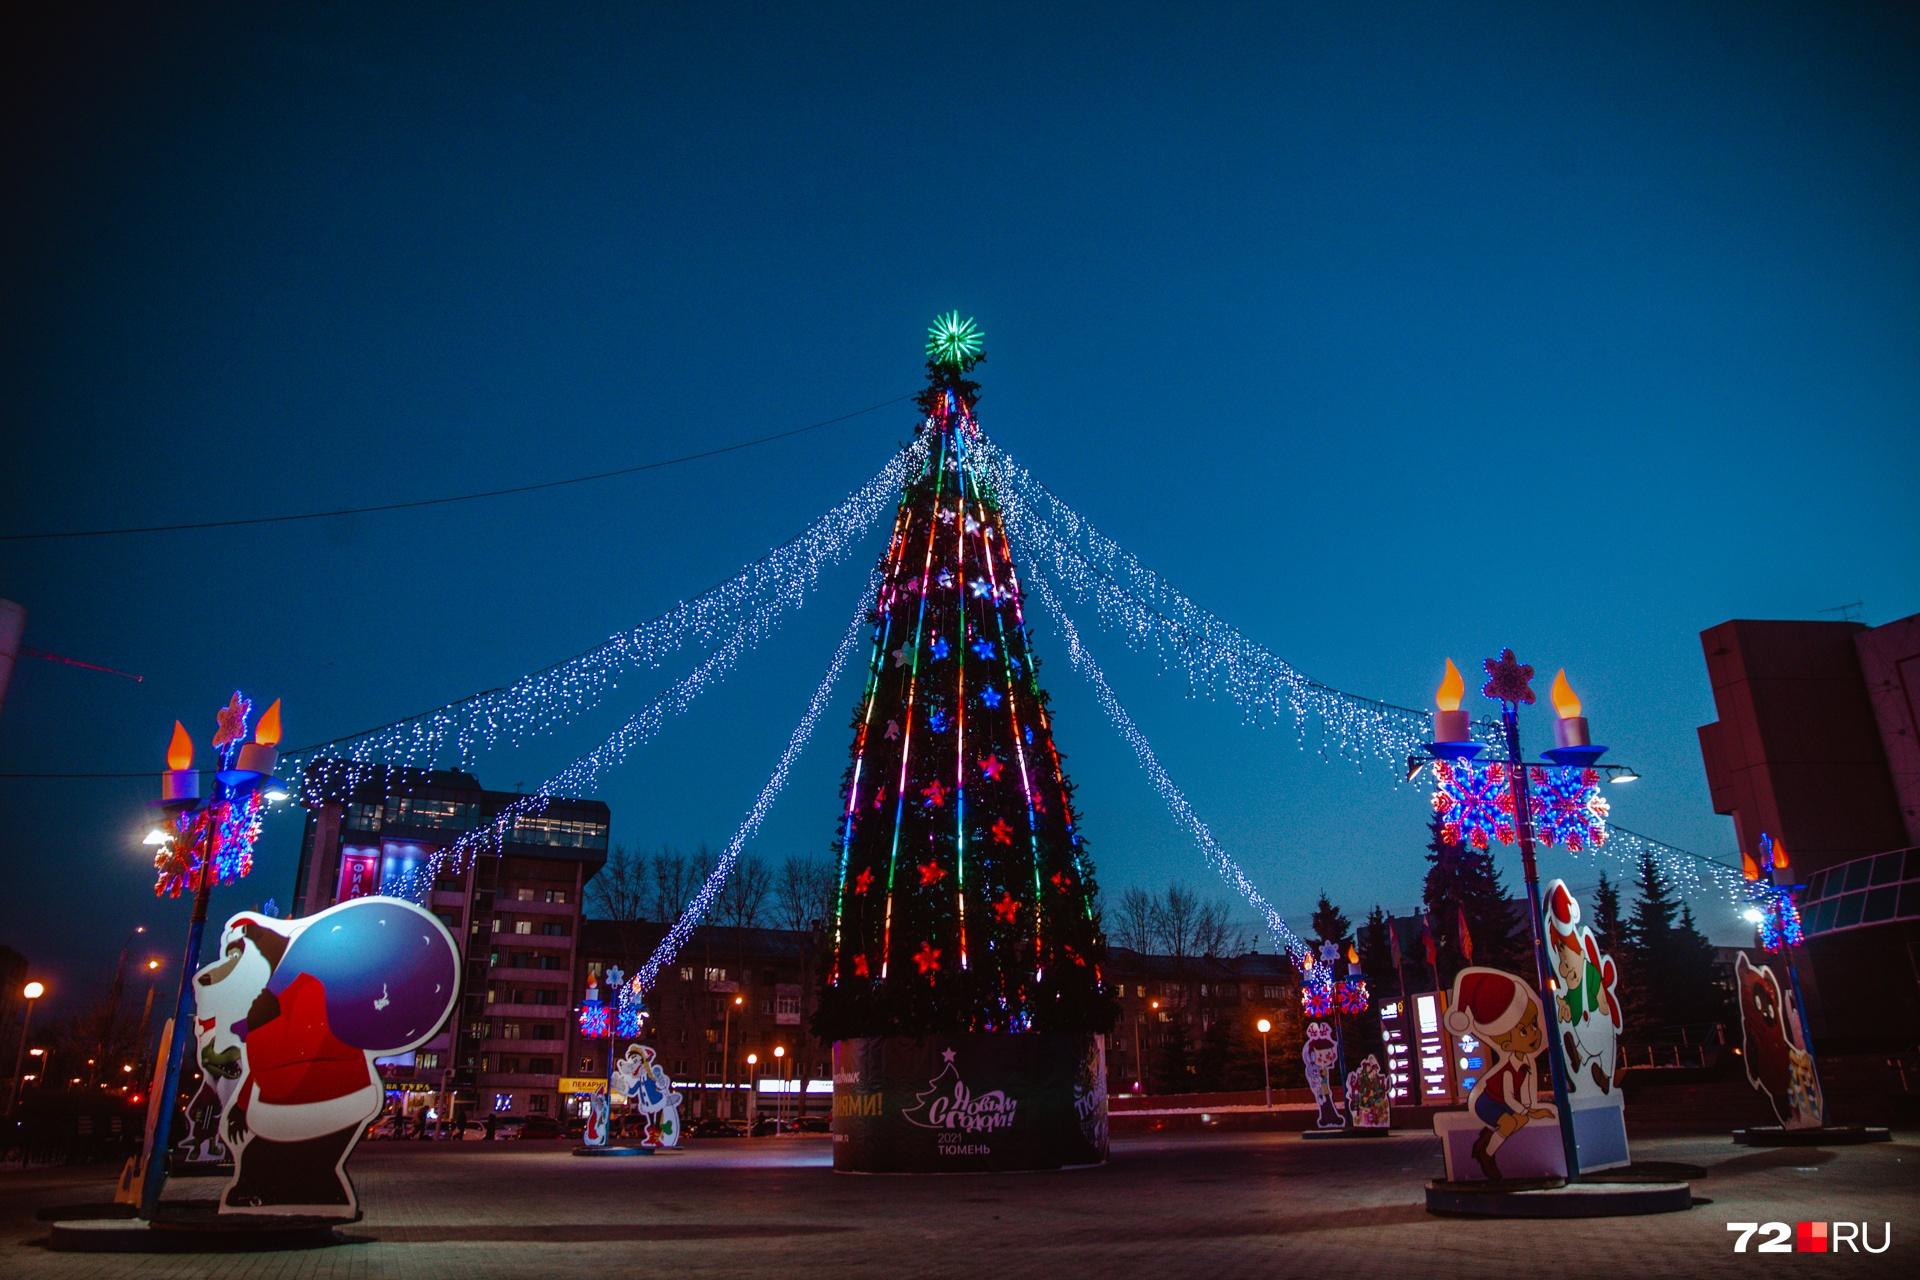 Перемещаемся к площади у Технопарка на улице Республики. Тут встречи с вами ждут очаровательные мультяшки и красавица-елка